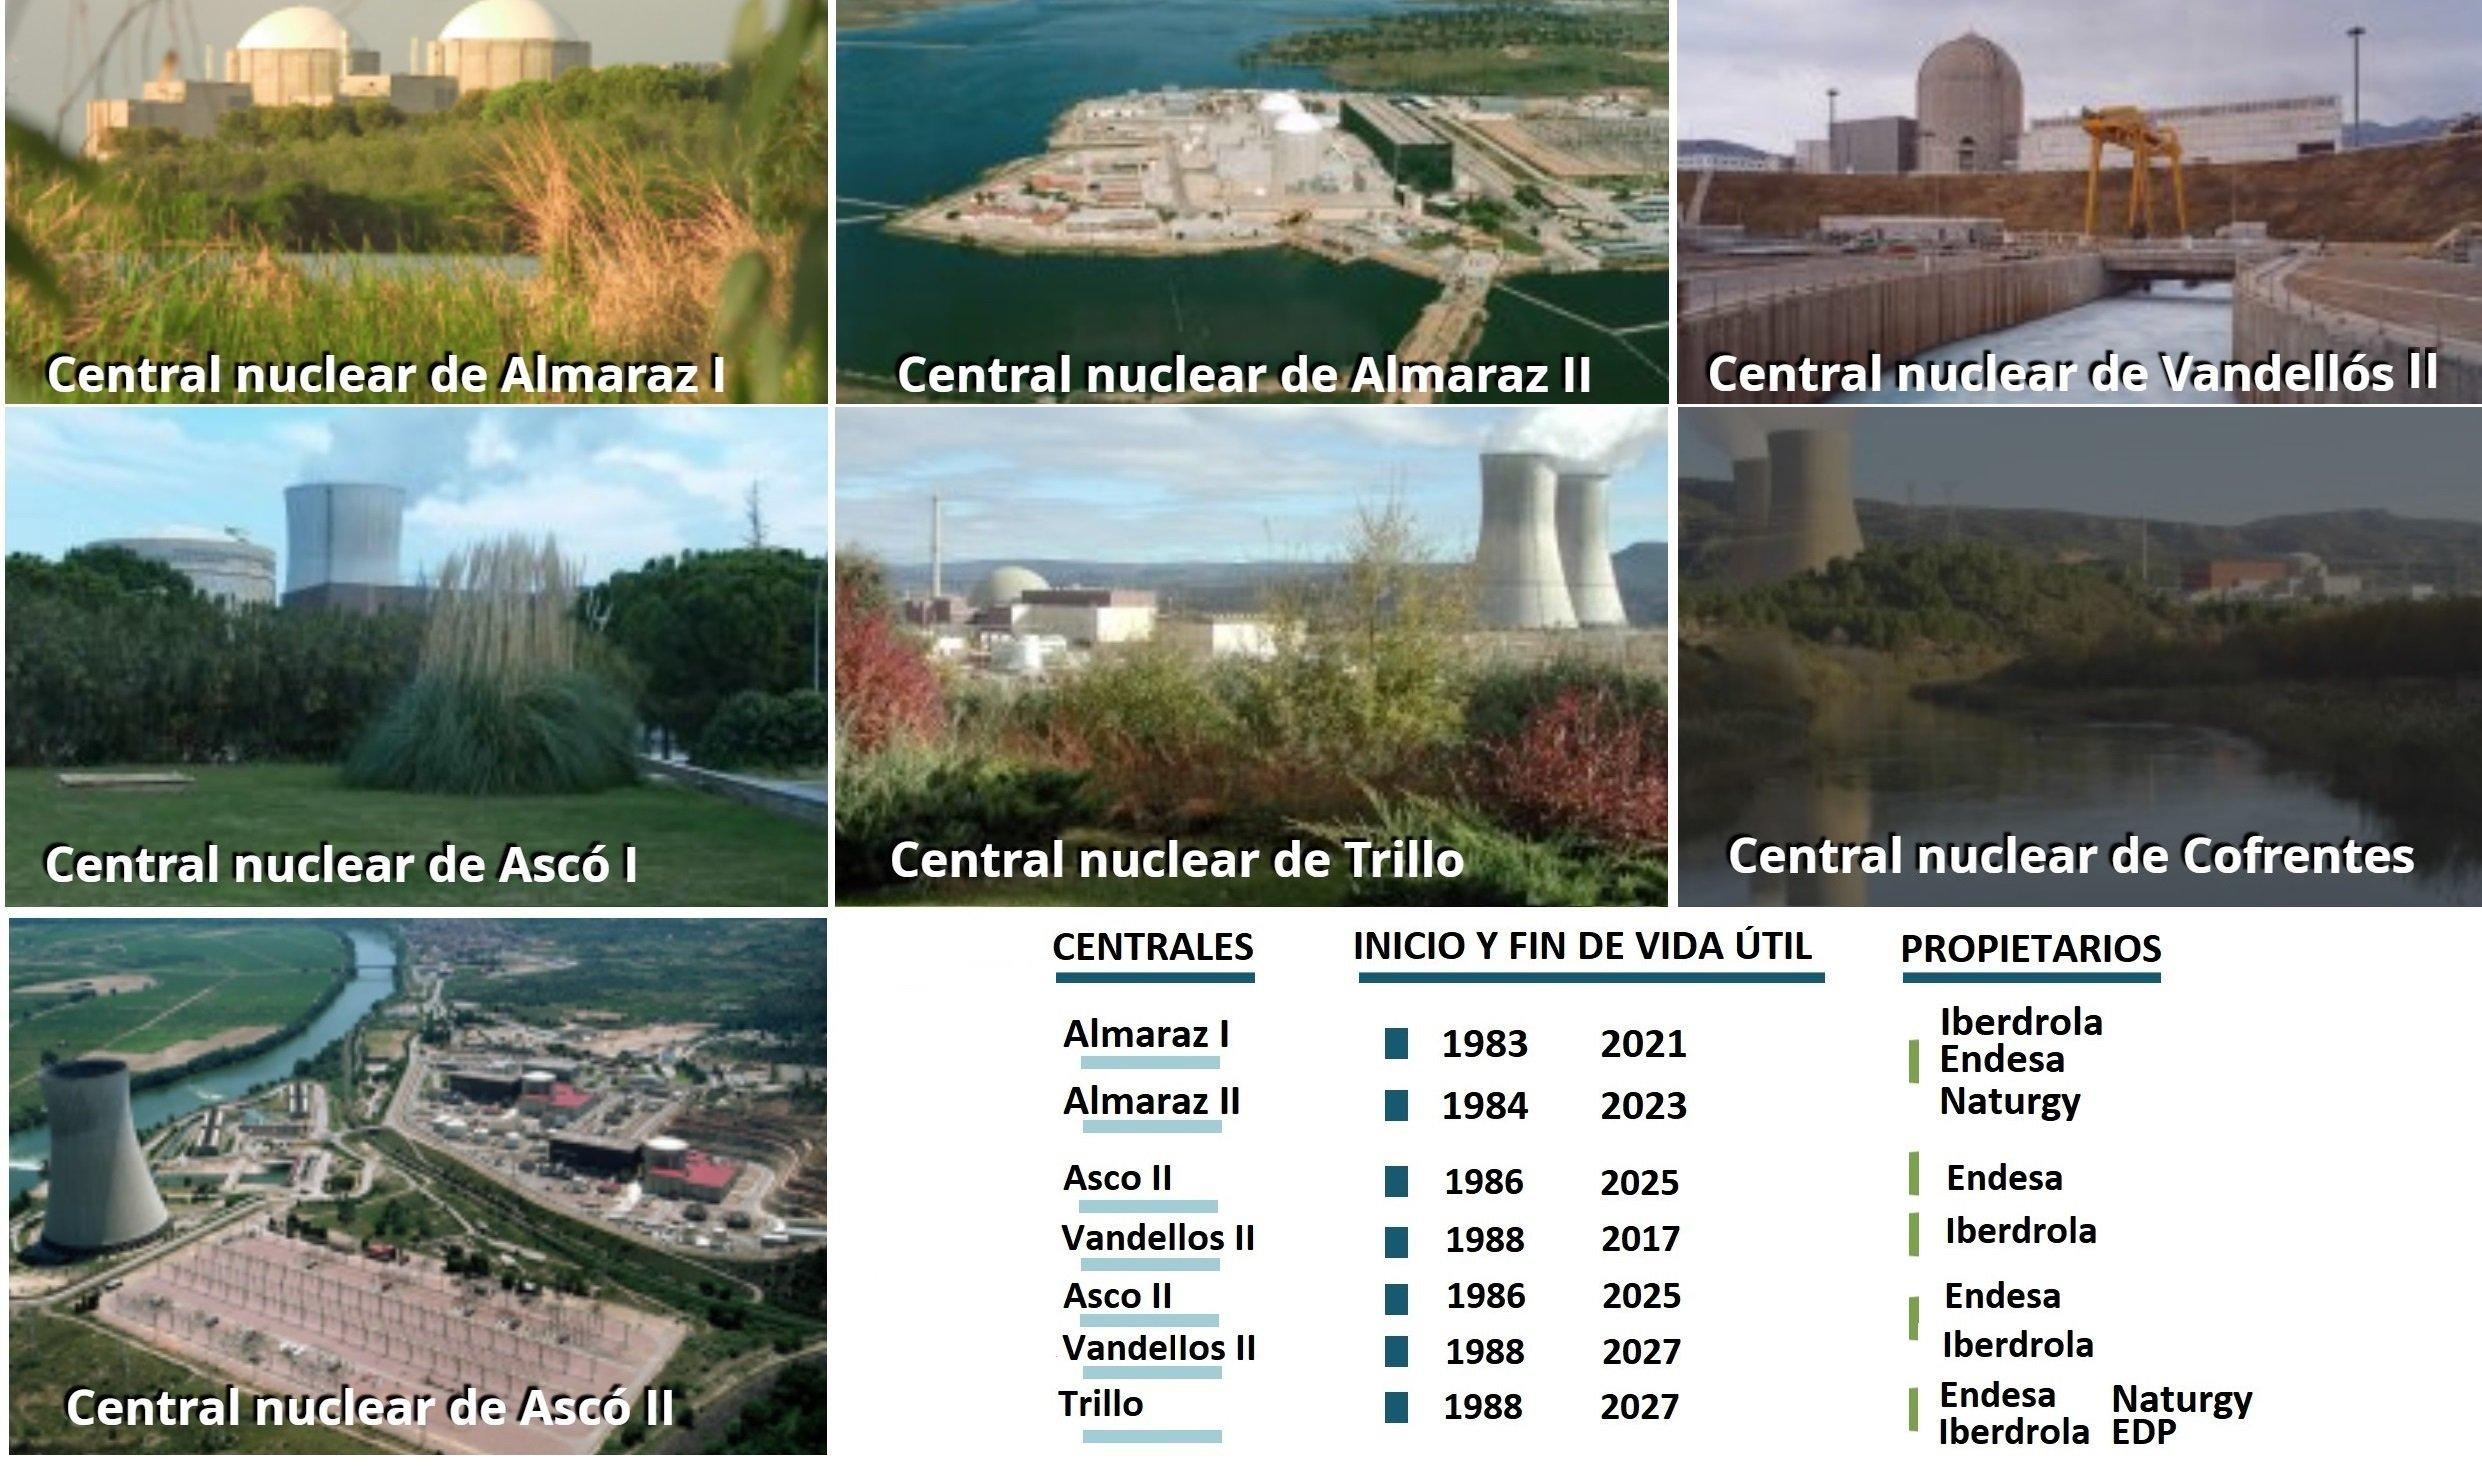 Ribera no encuentra el recambio a la energía nuclear y aviva la guerra entre Endesa, Iberdrola y Naturgy.